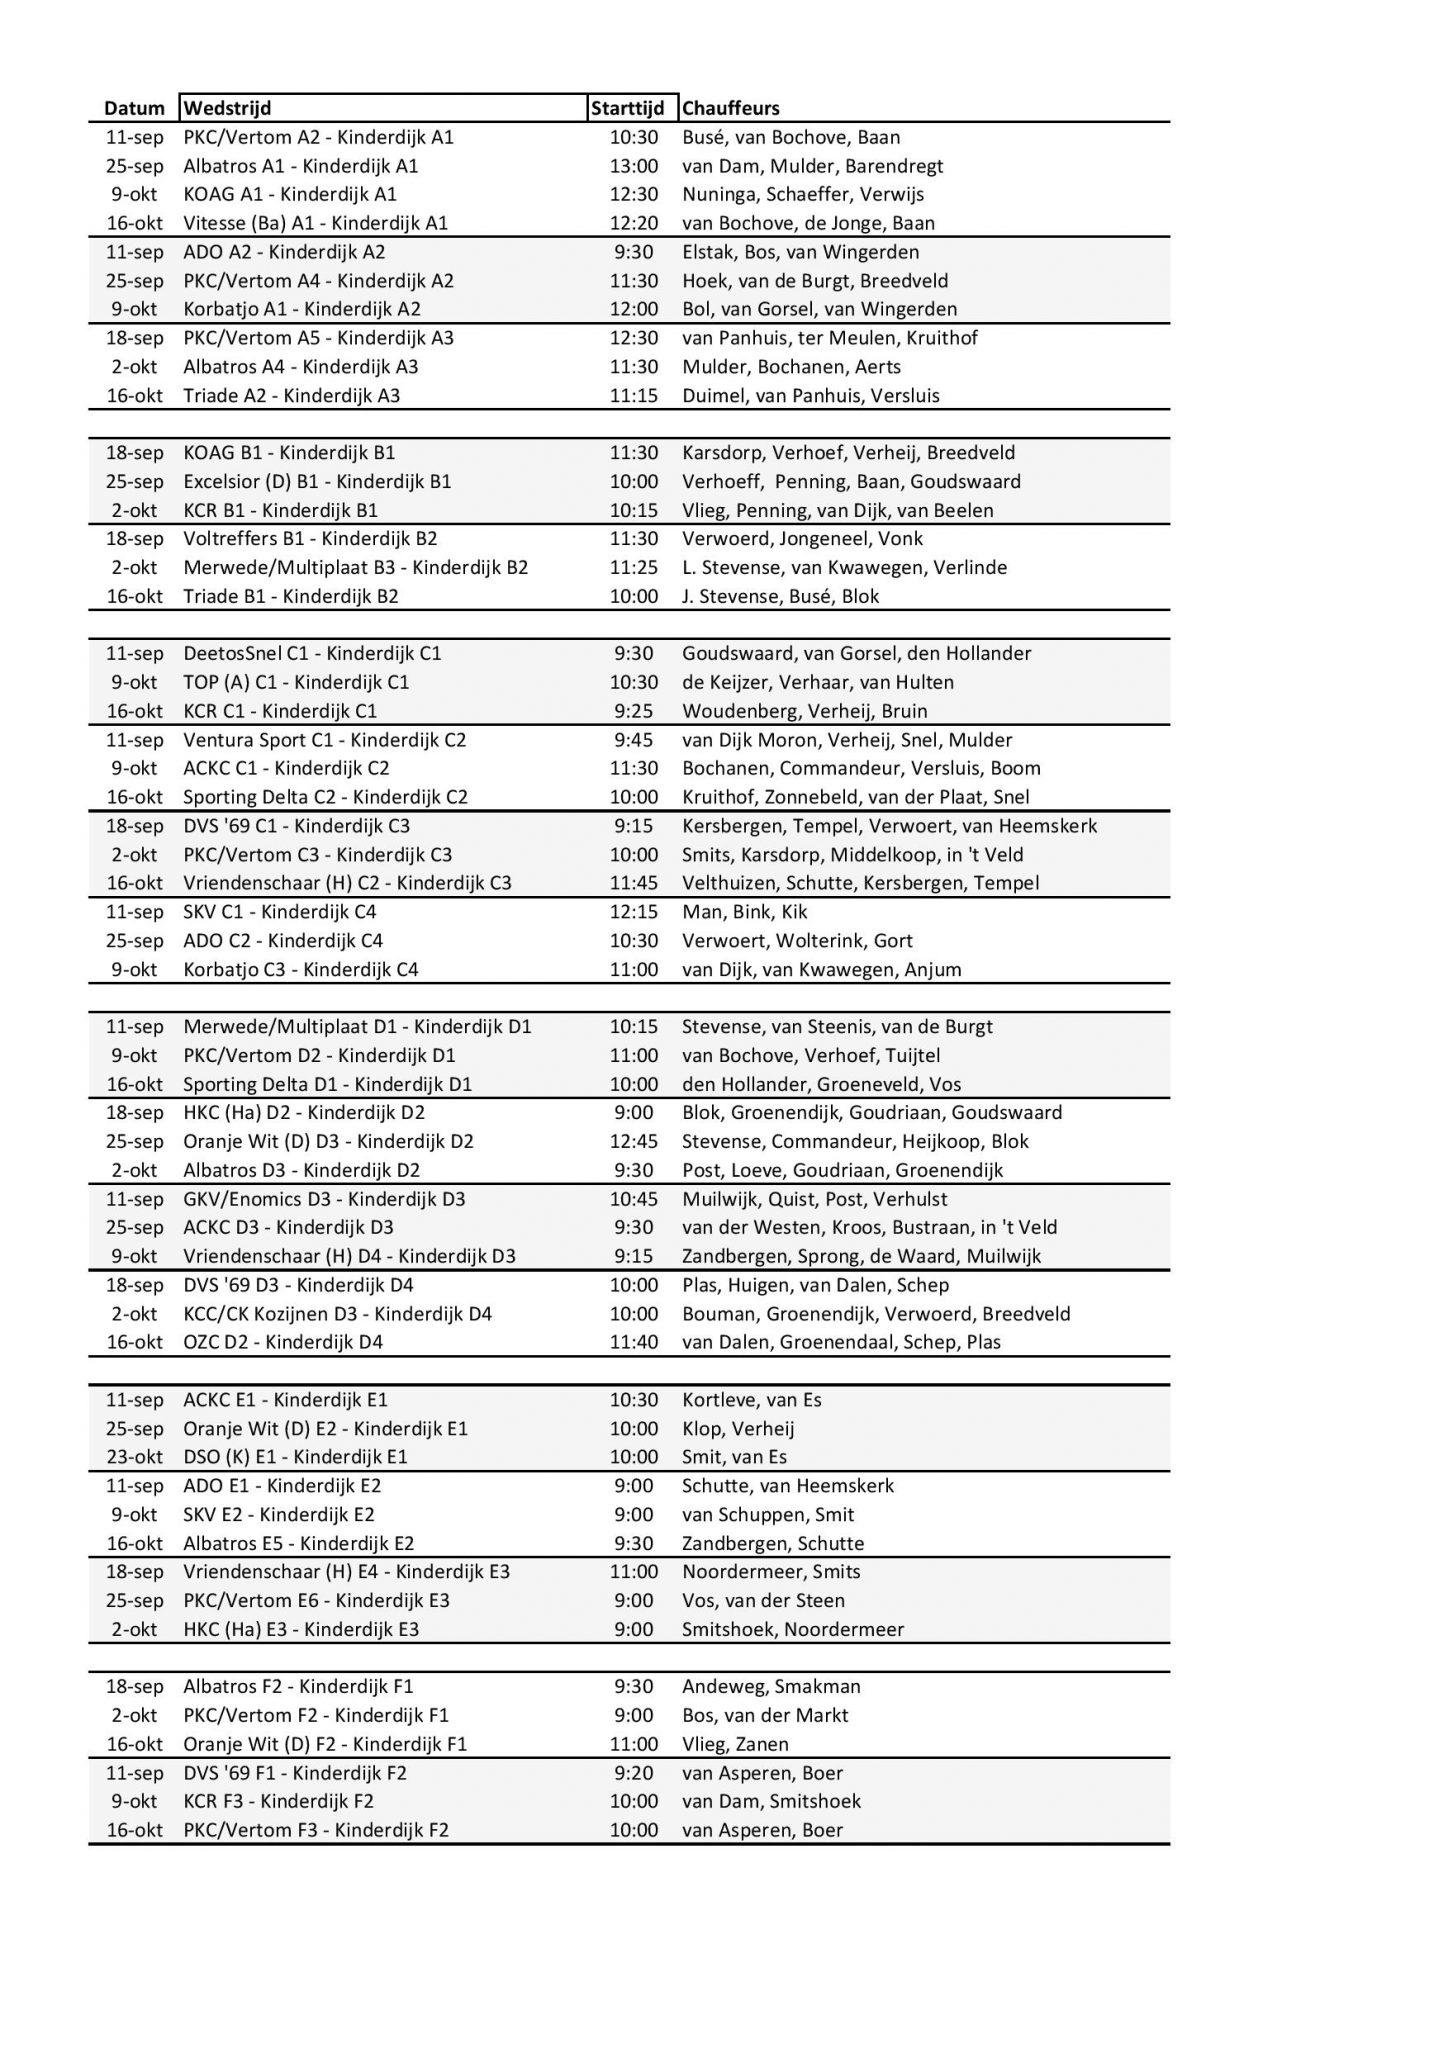 Chauffeurs 1e helft veld 2021-2022